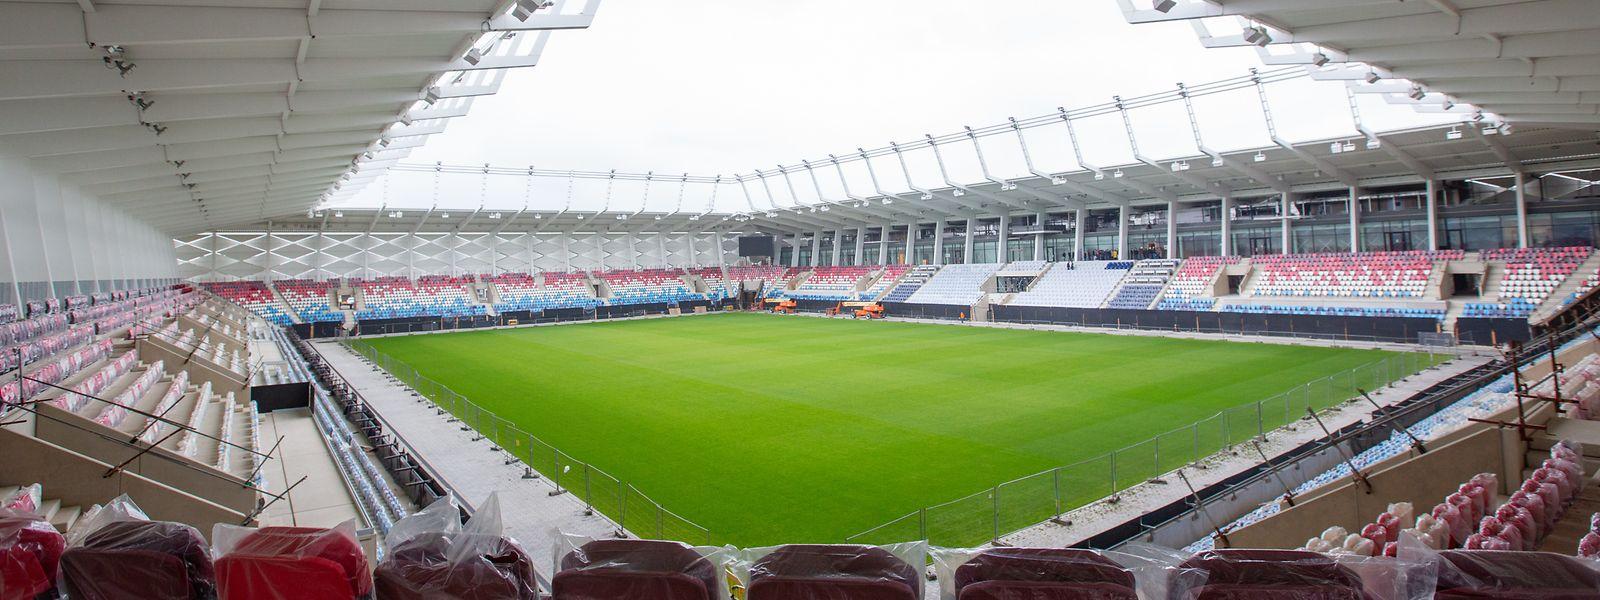 Die Arbeiten am neuen Stadion neigen sich dem Ende zu. Die Sitze sind installiert, der Rasen verlegt, derzeit läuft der Innenausbau.